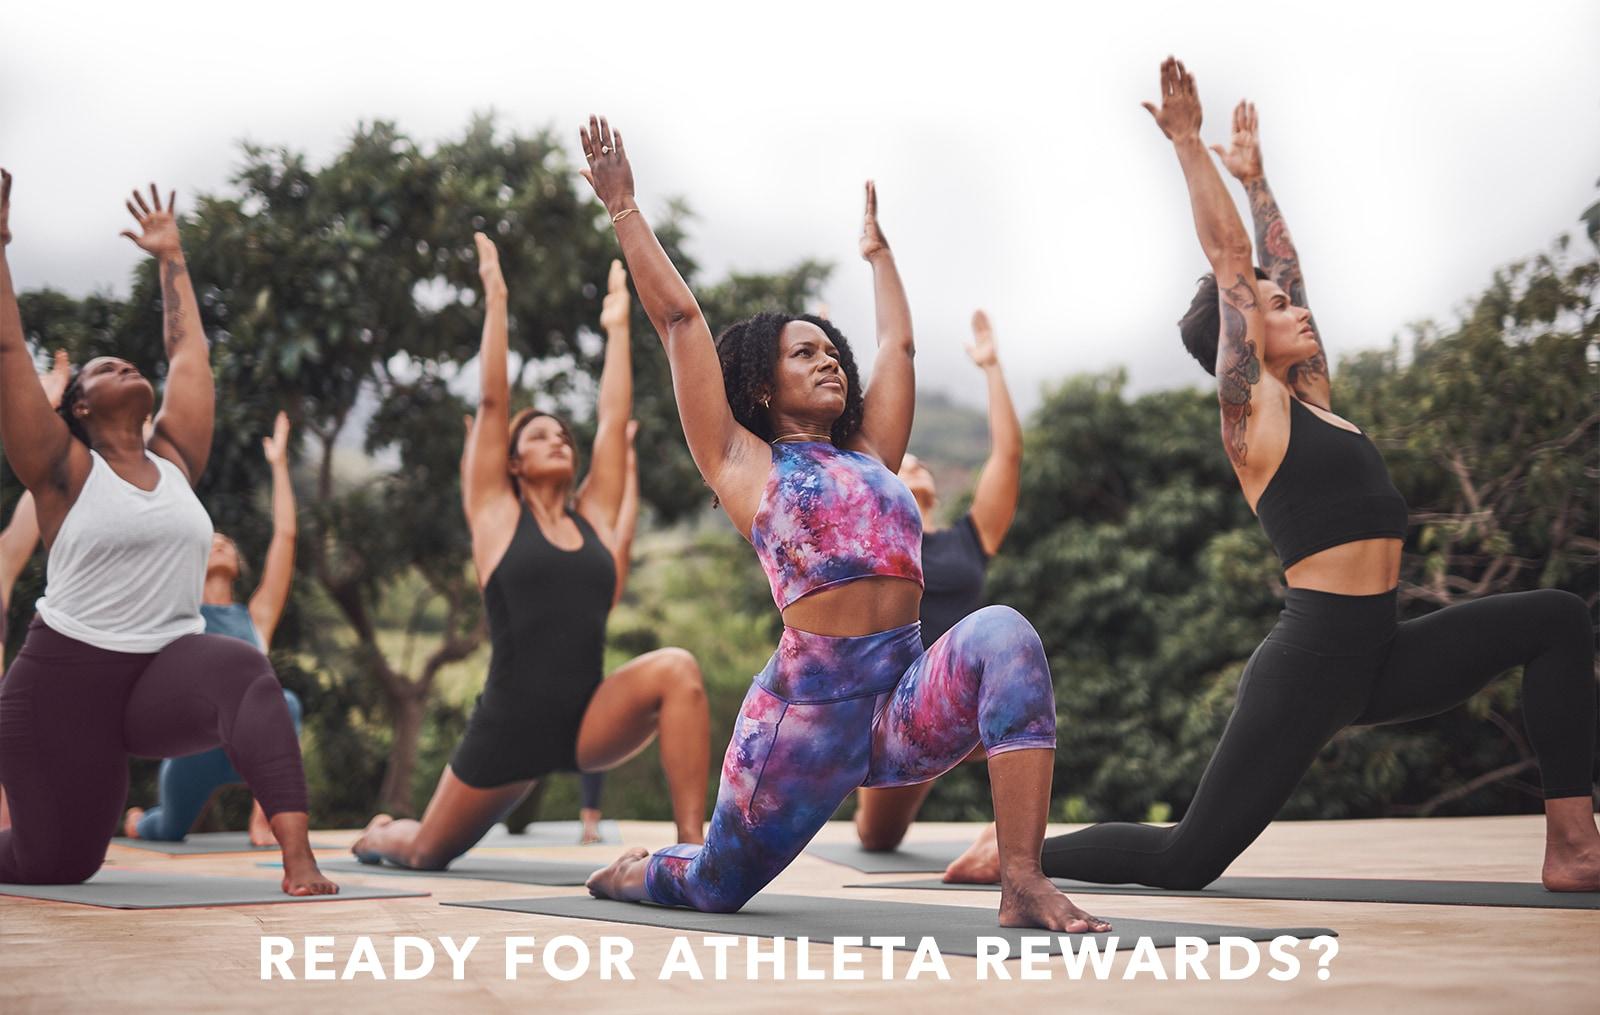 Ready for Athleta Rewards?